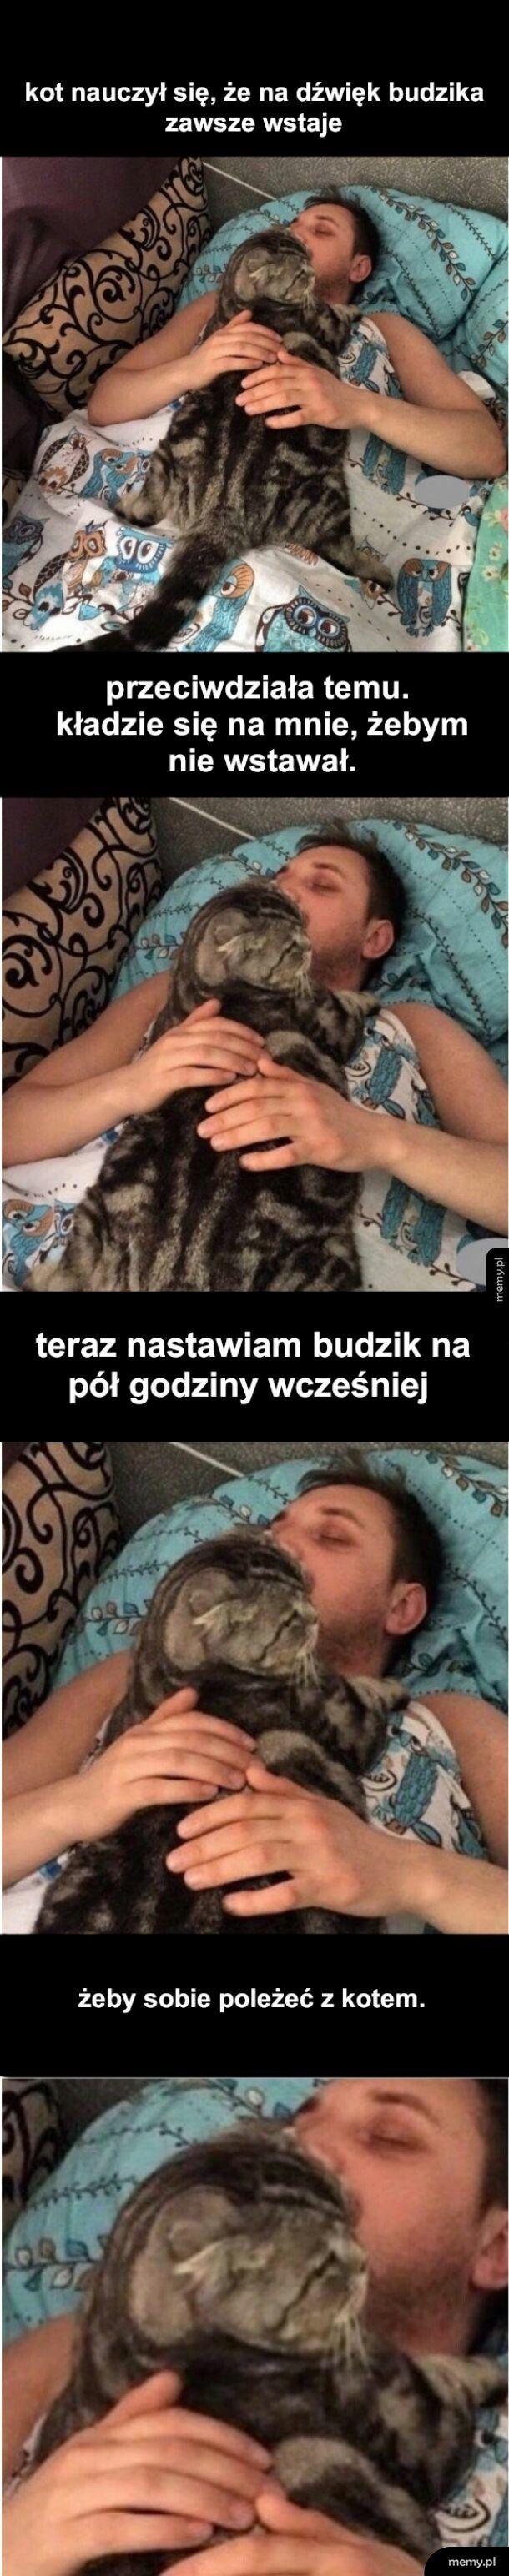 Kocie spanko